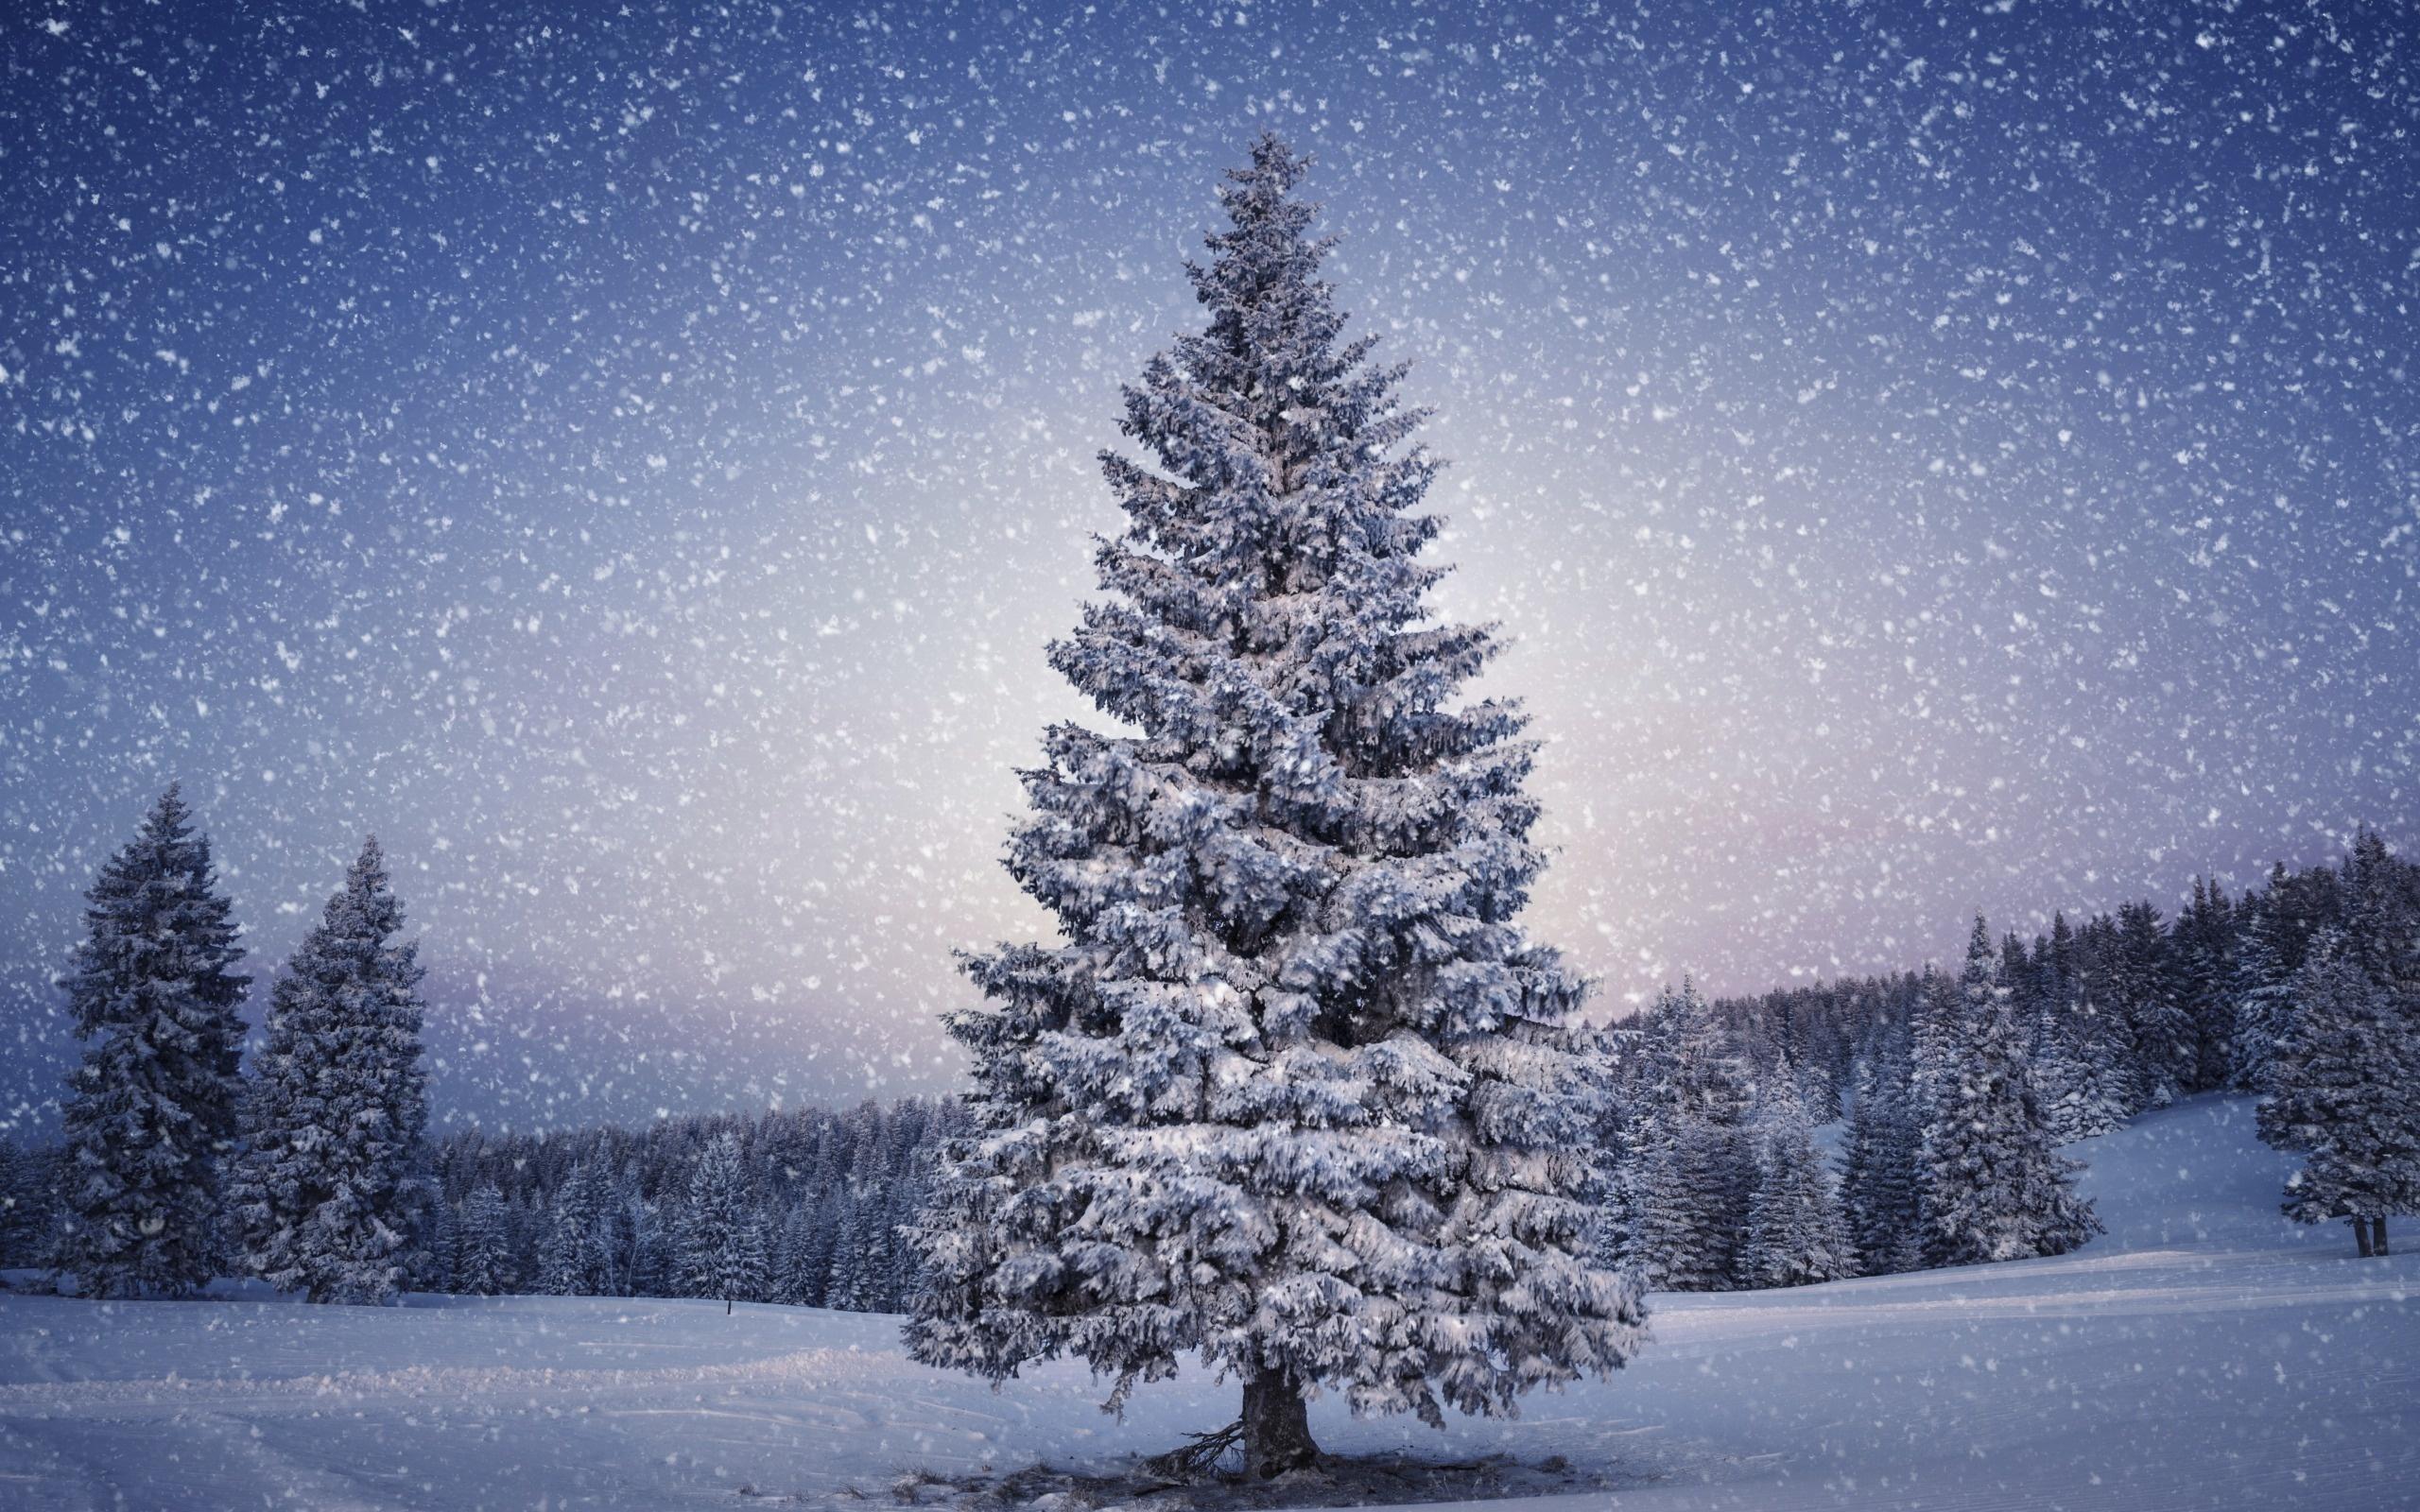 Snowy Christmas Tree HD Wallpaper 2560x1600